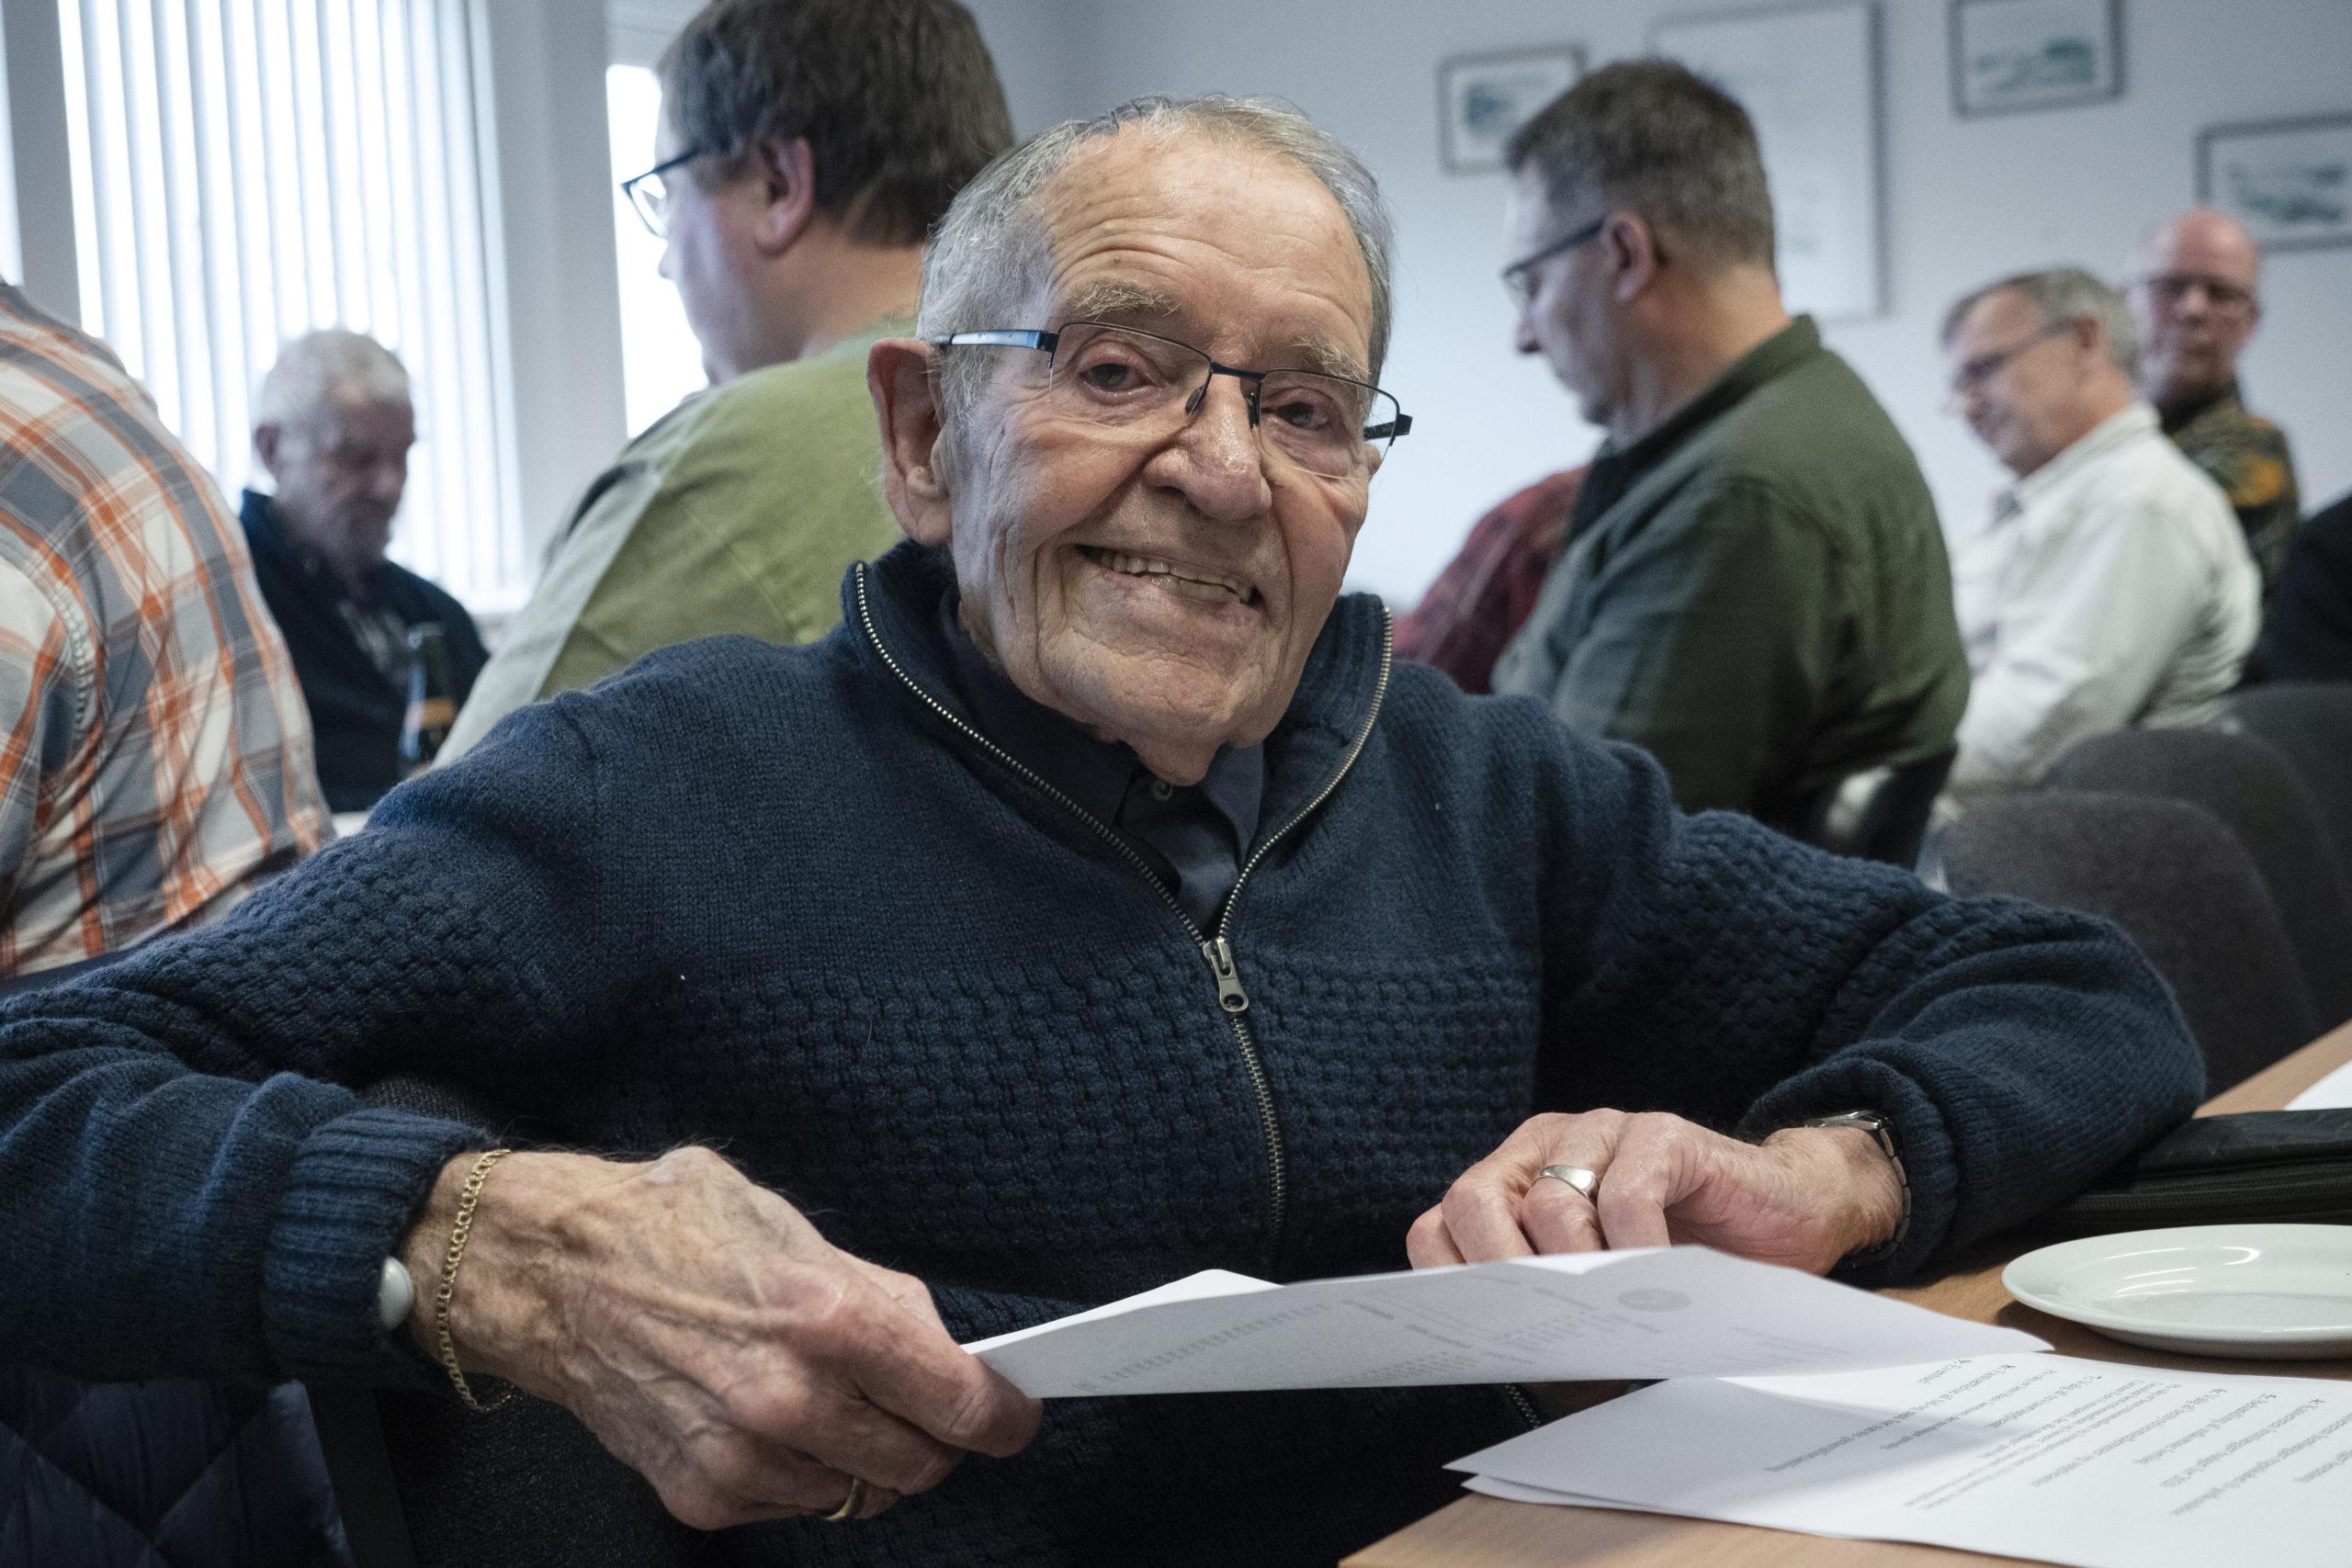 94-årige N.O. Rasmussen fra Skive er en ægte 26-mand. Han er nemlig født i 1926 og lige så gammel som Lystfiskerforeningen af 1926. N.O. Rasmussen er æresmedlem af Lystfiskerforeningen af 1926 og en trofast gæst, når foreningen, hvert andet år, holder generalforsamling i Trevad Ørredpark.